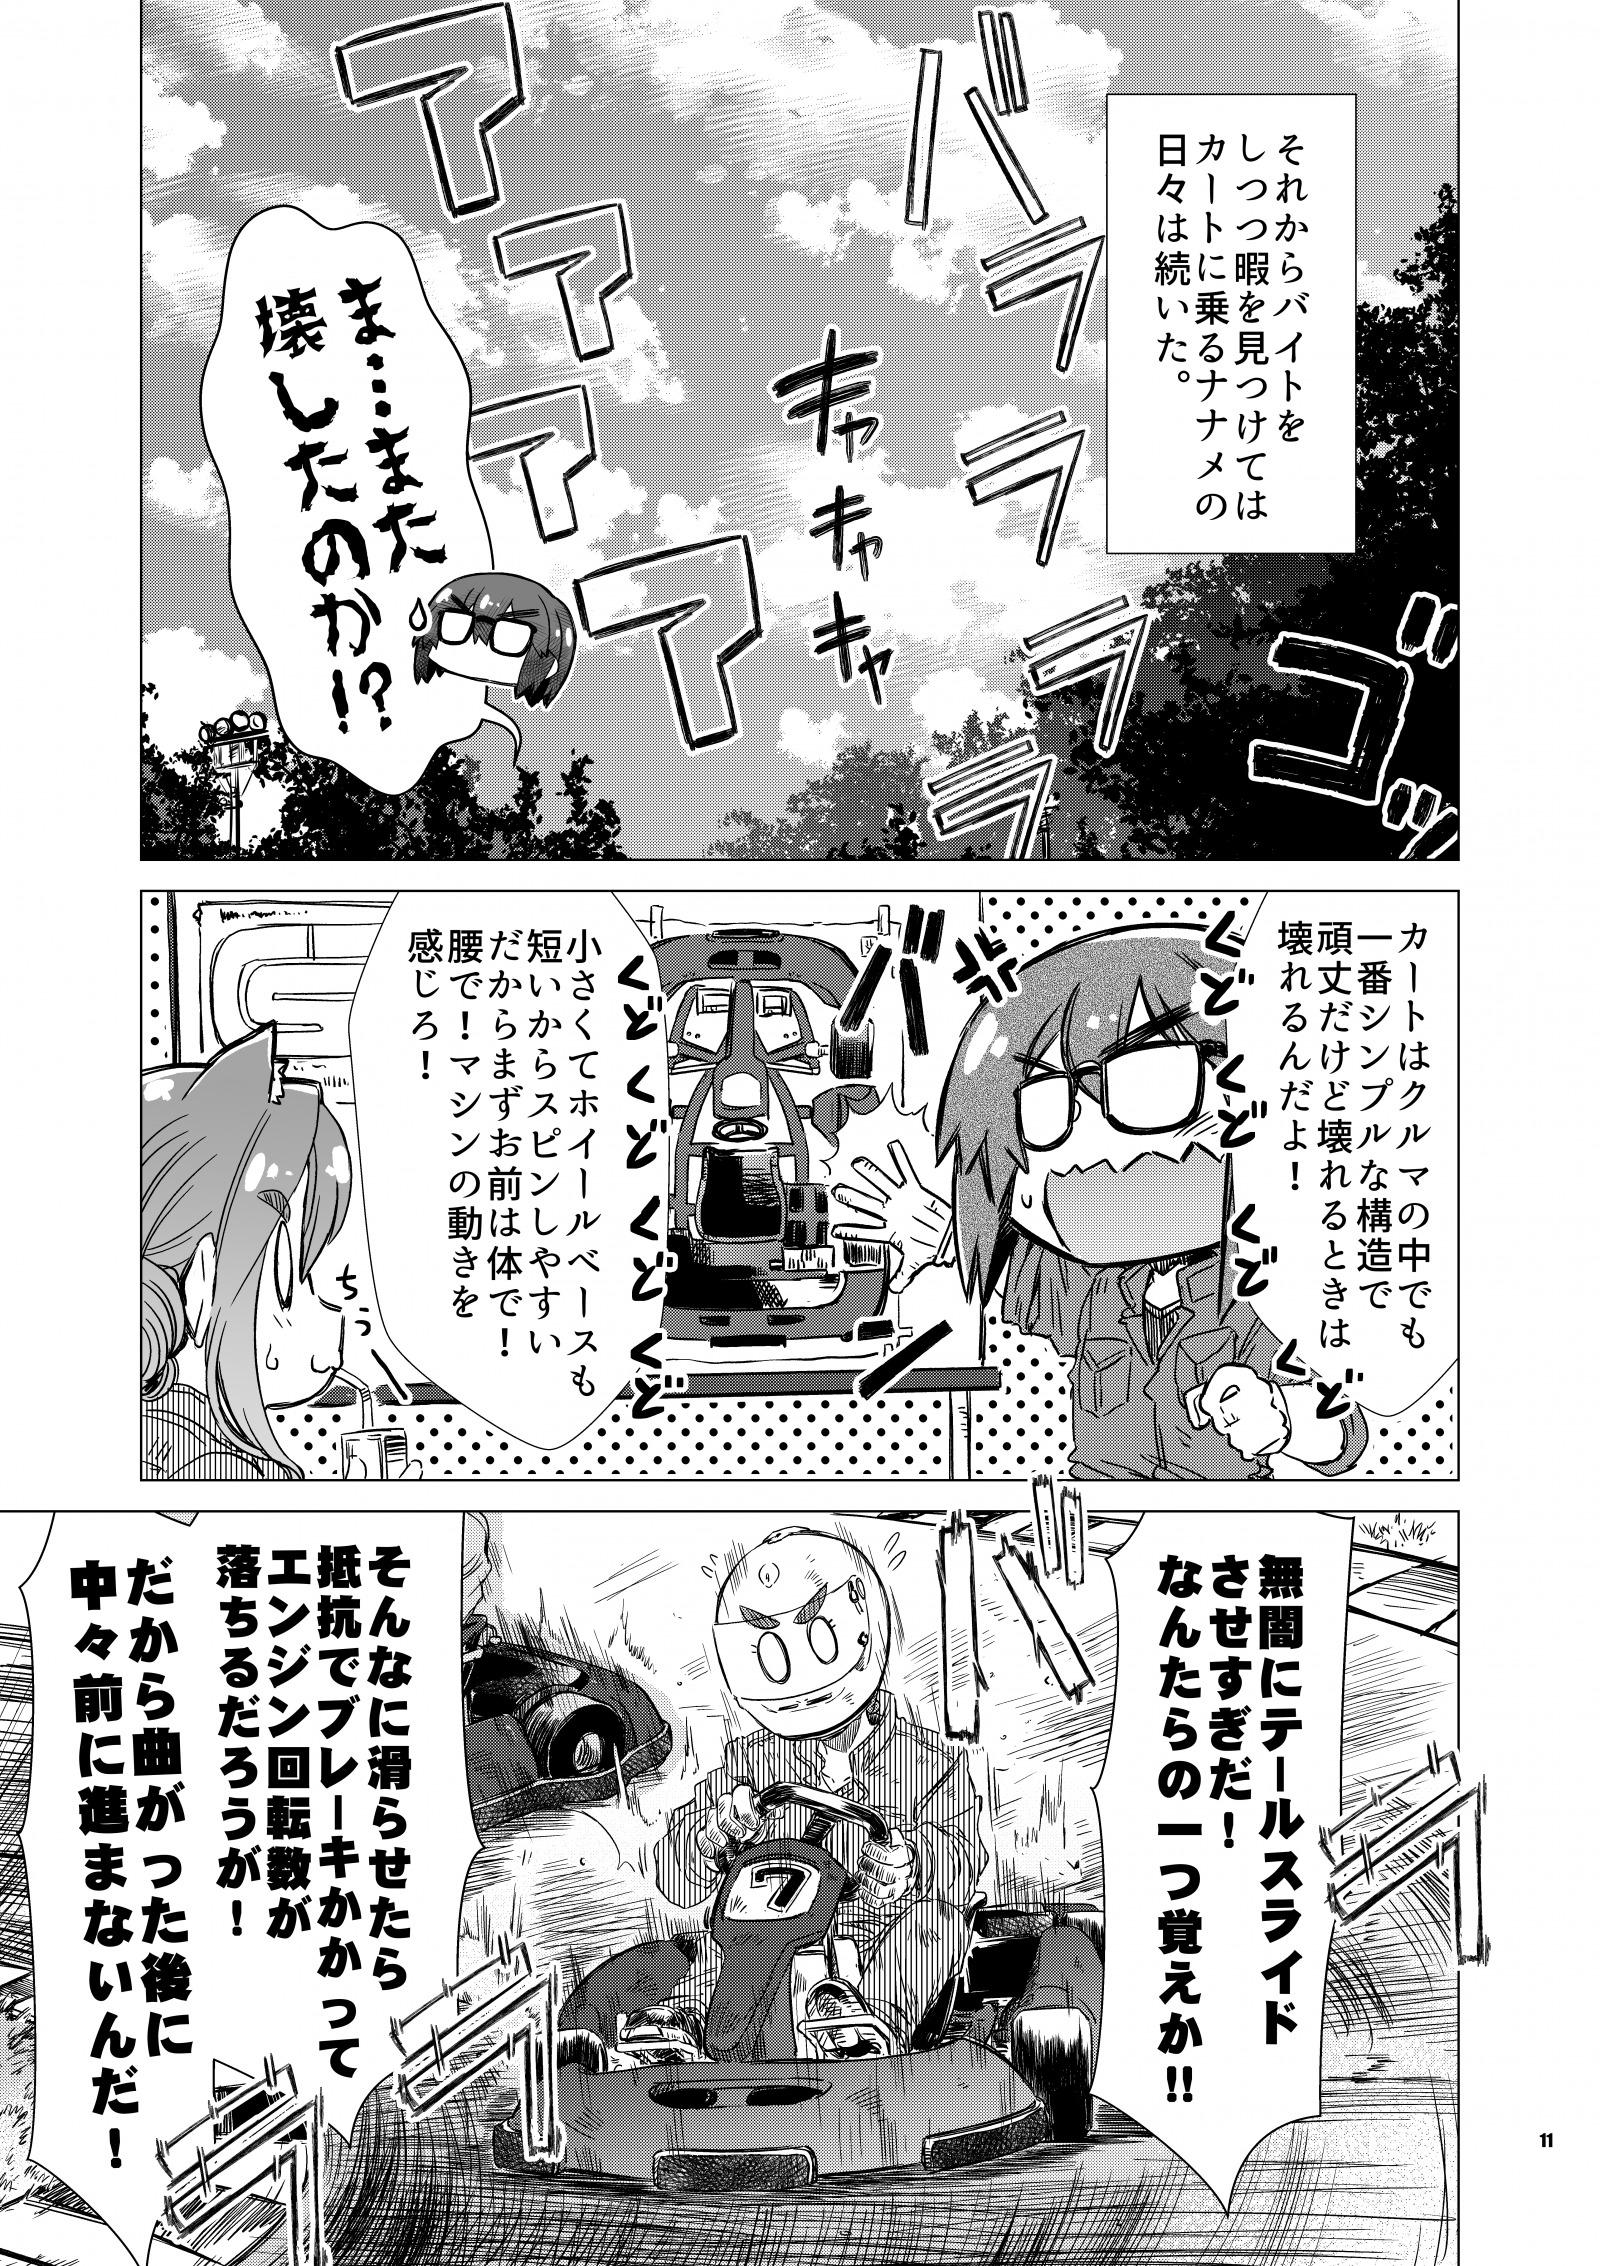 Naname! vol004_011